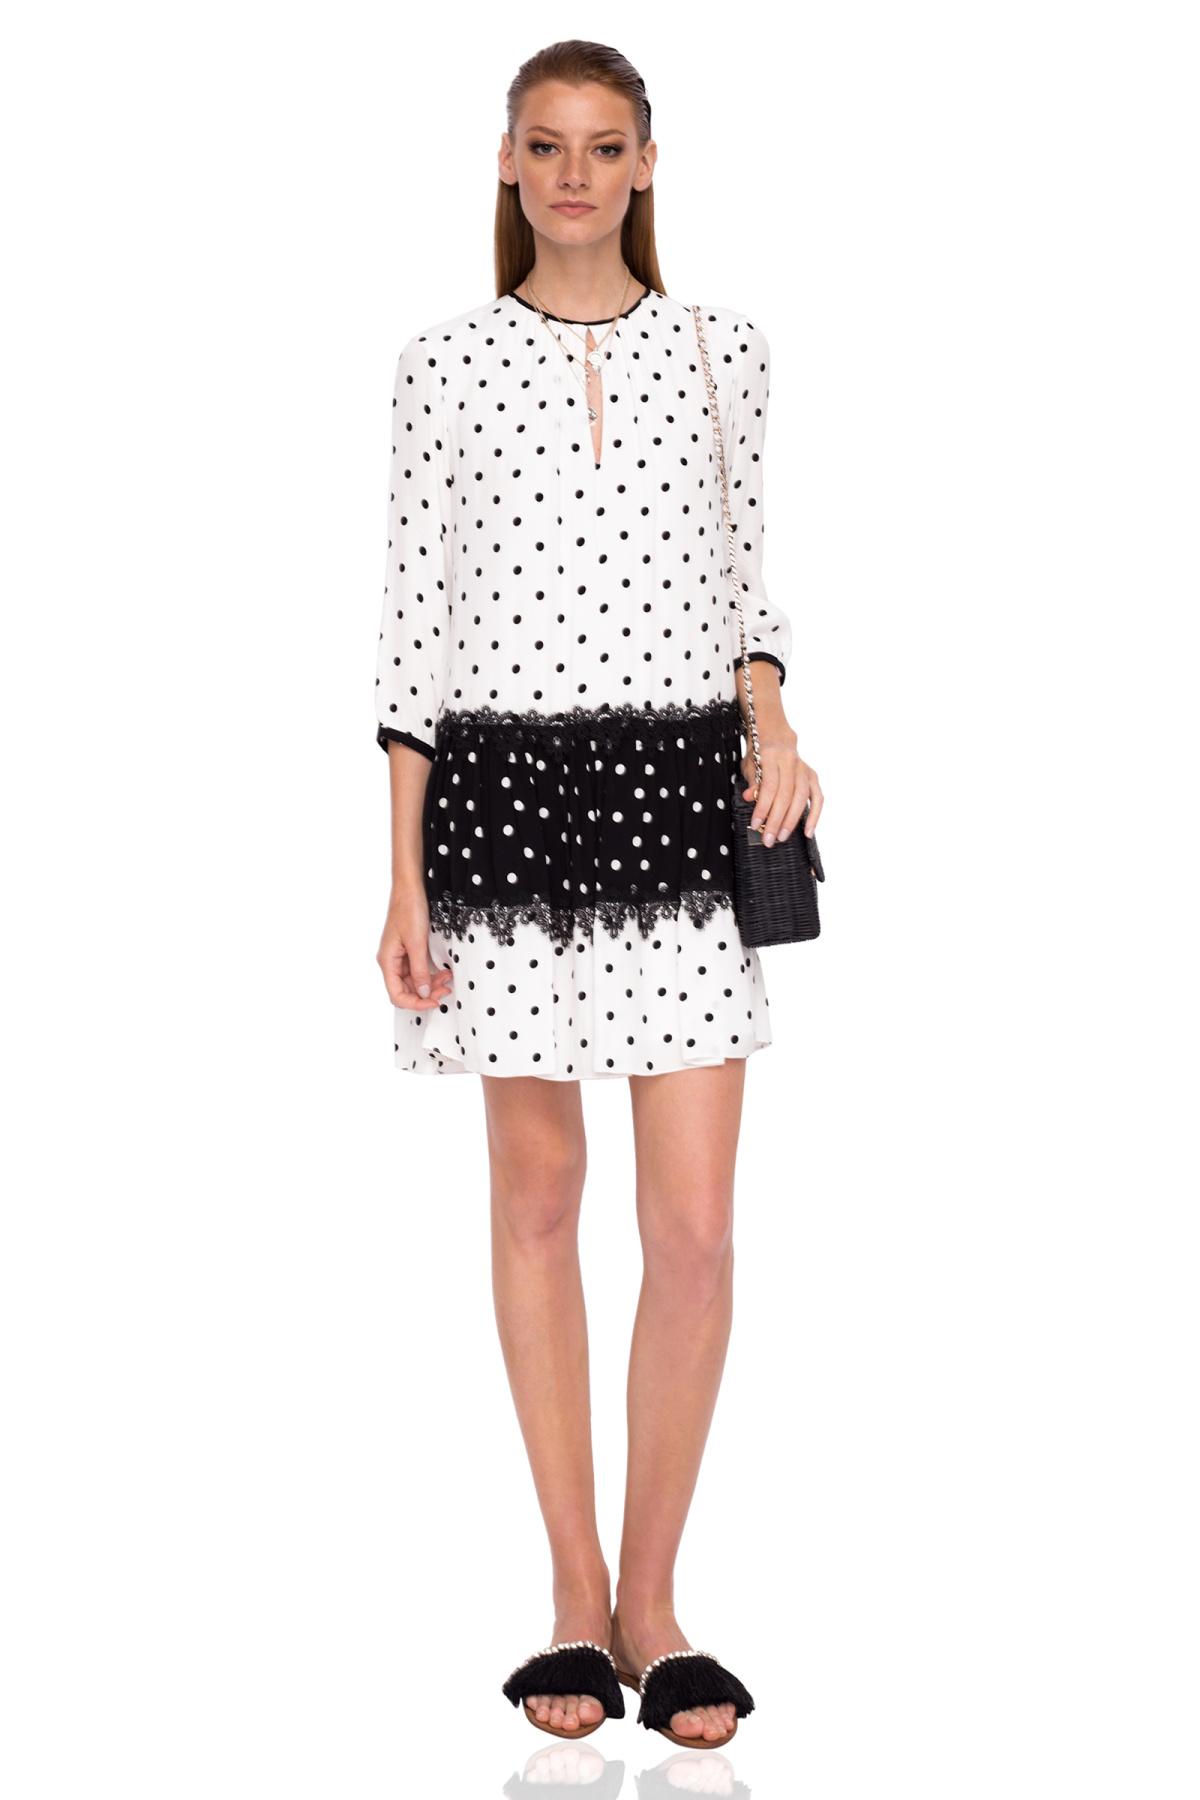 Rochie alb-negru cu buline Buline negre